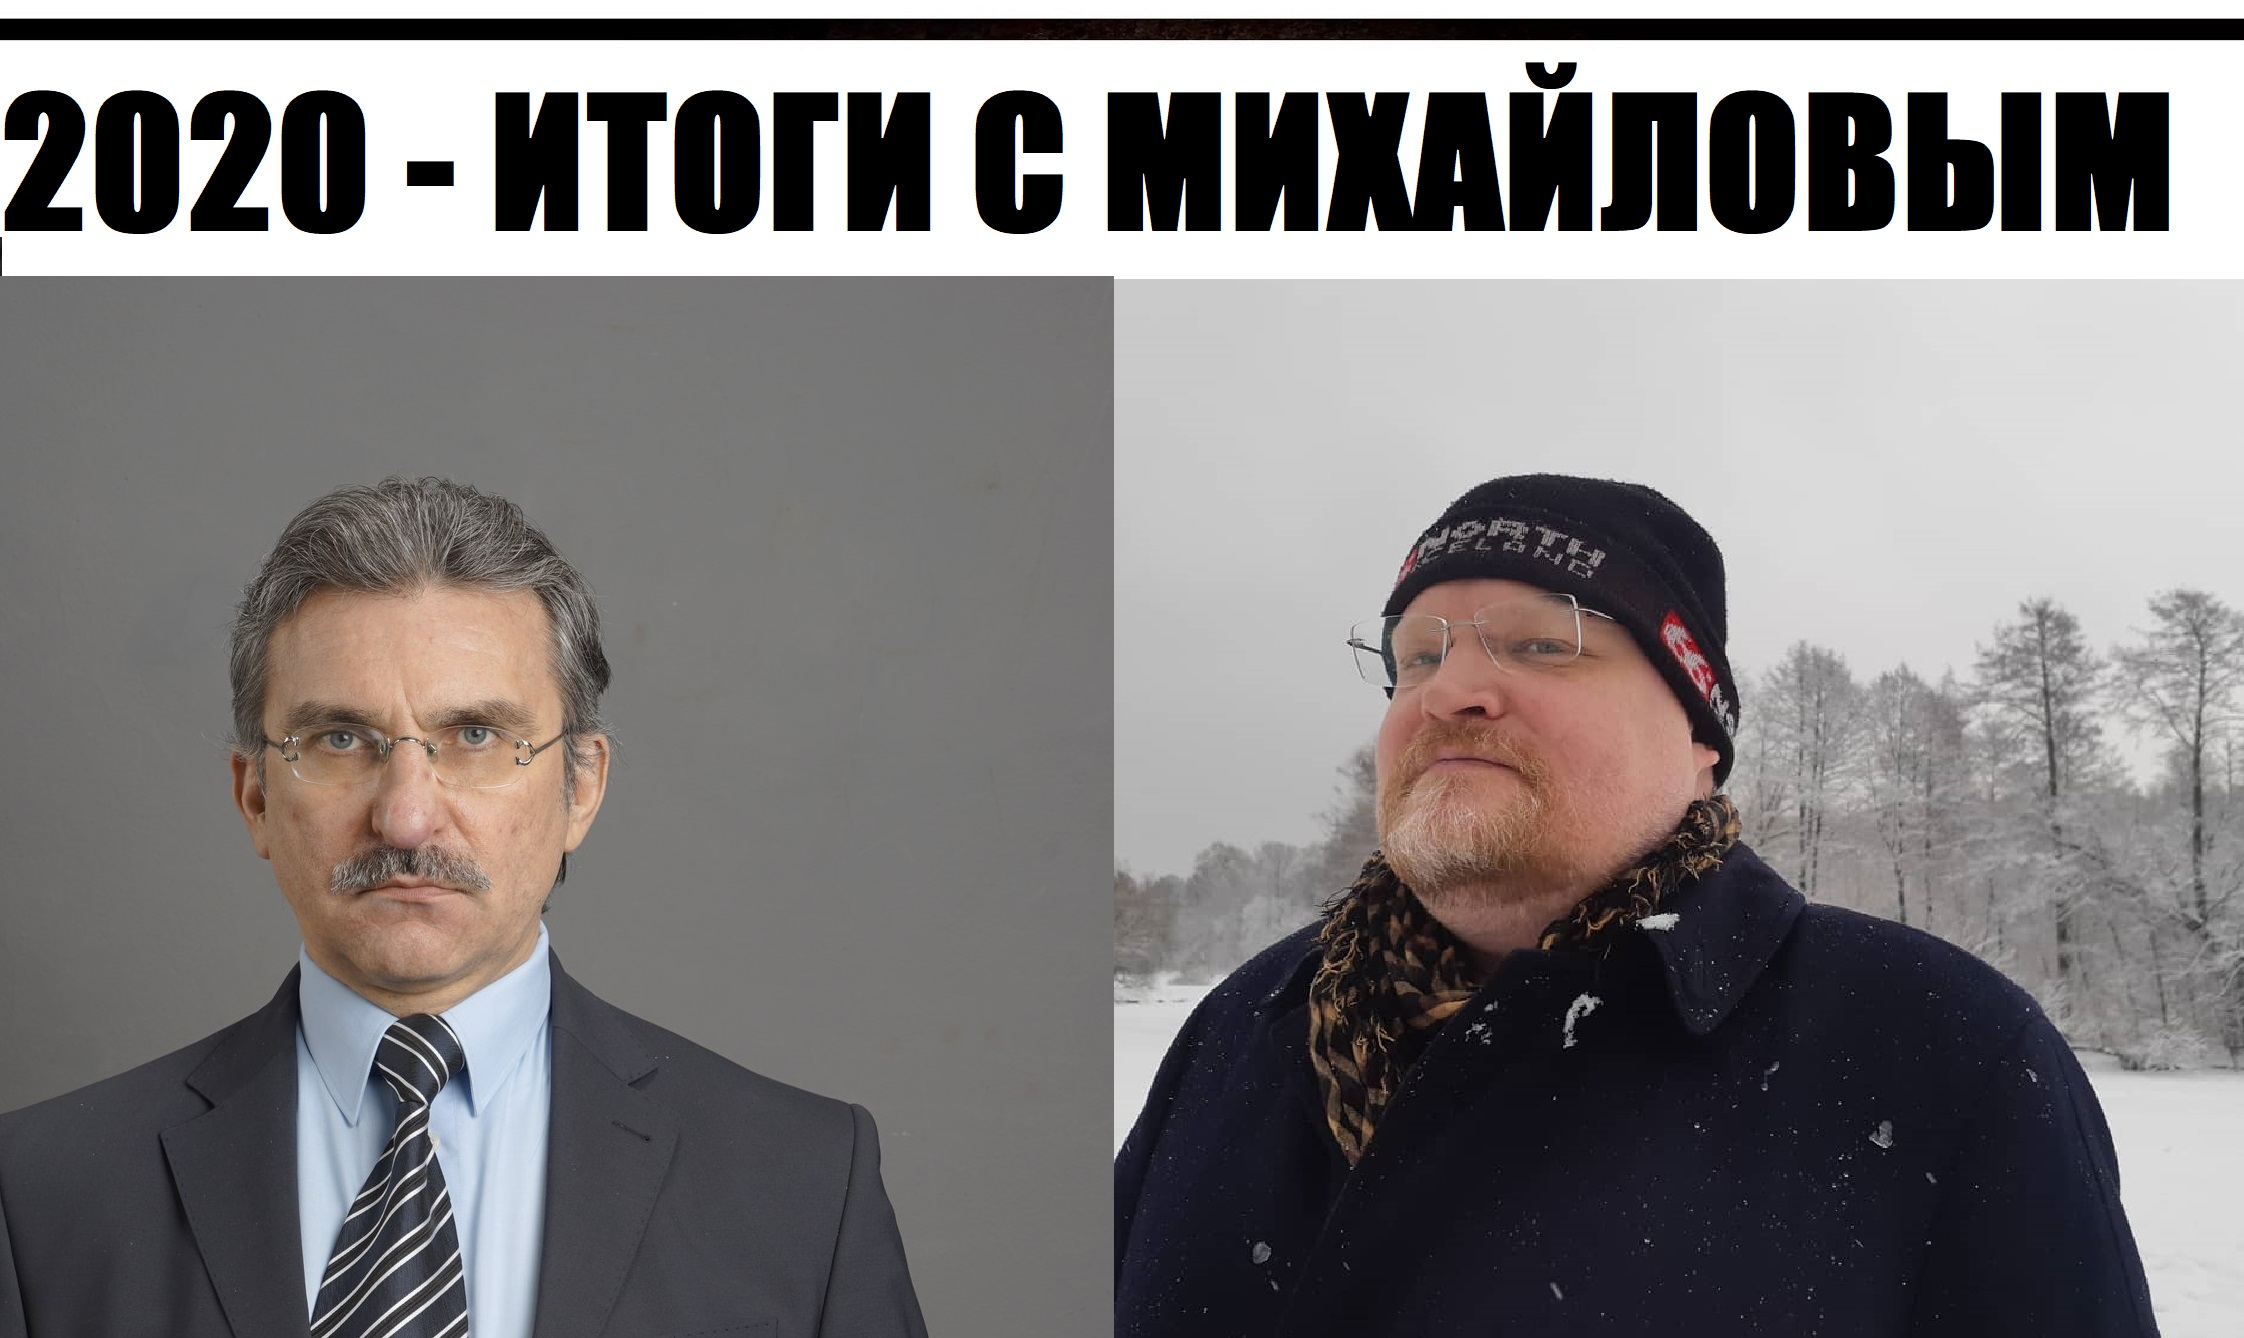 Итоги 2020 с Михайловым